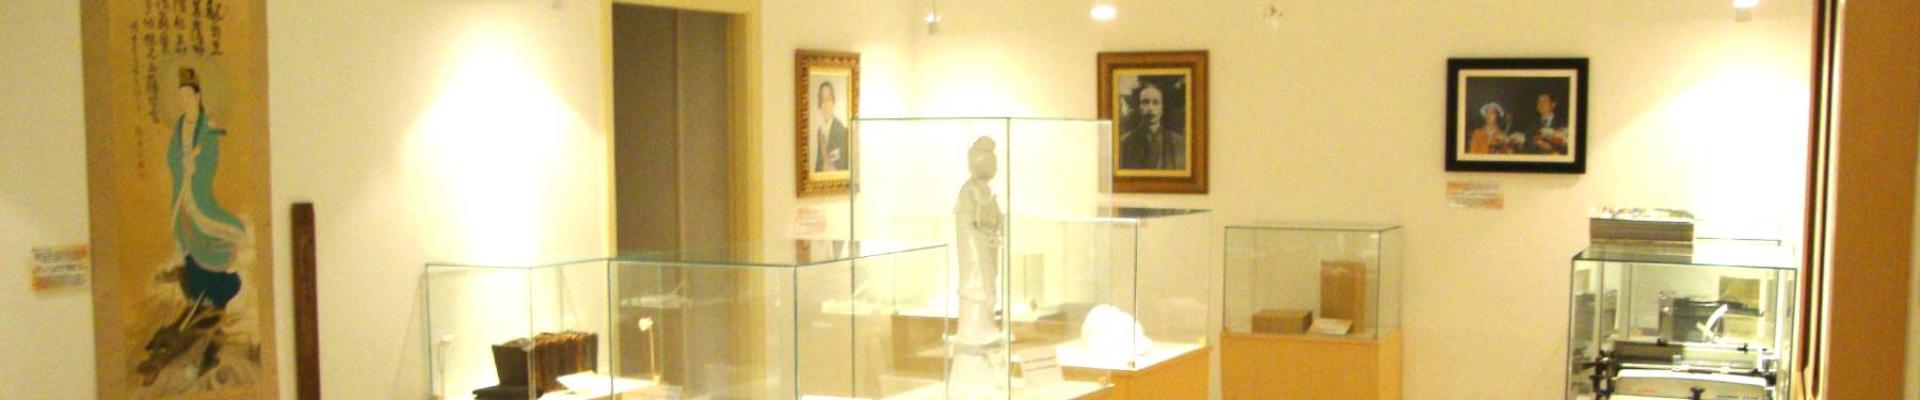 Museu Banner sala principal